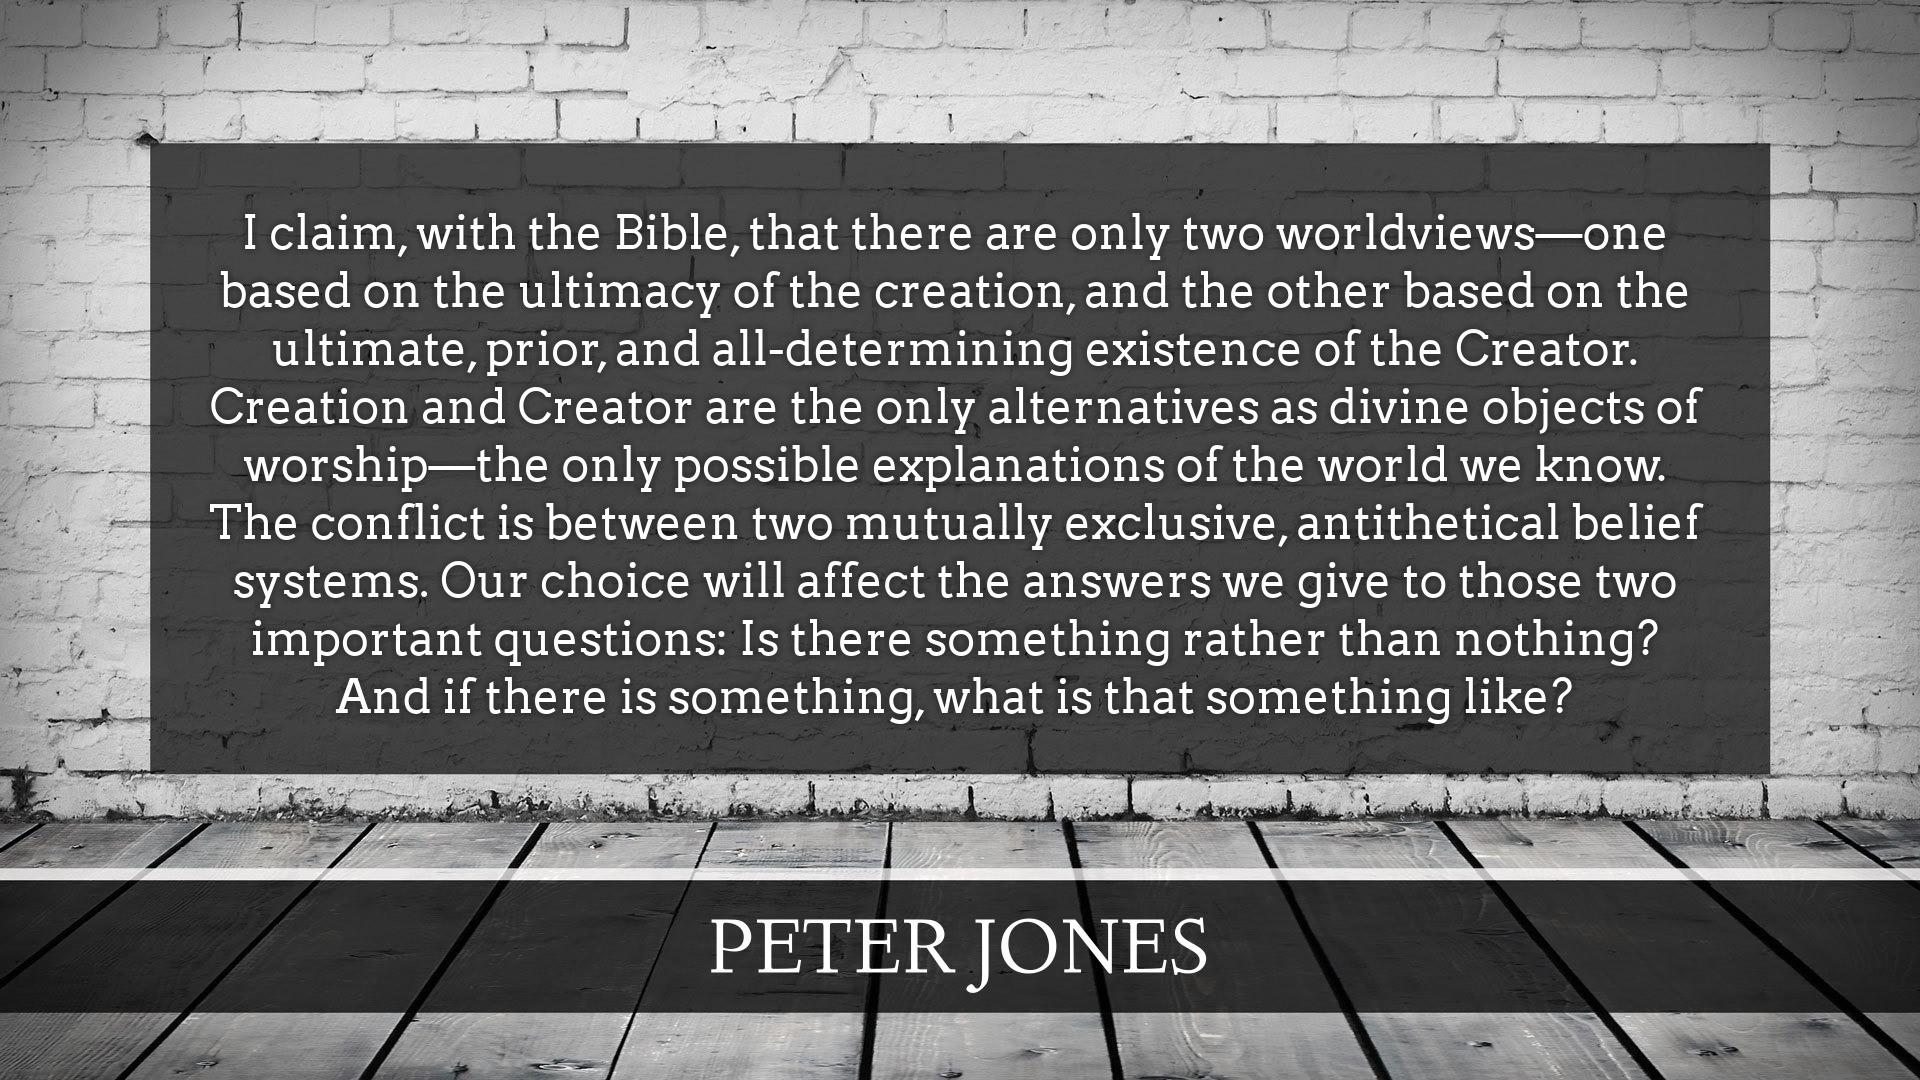 Peter Jones on Worldview